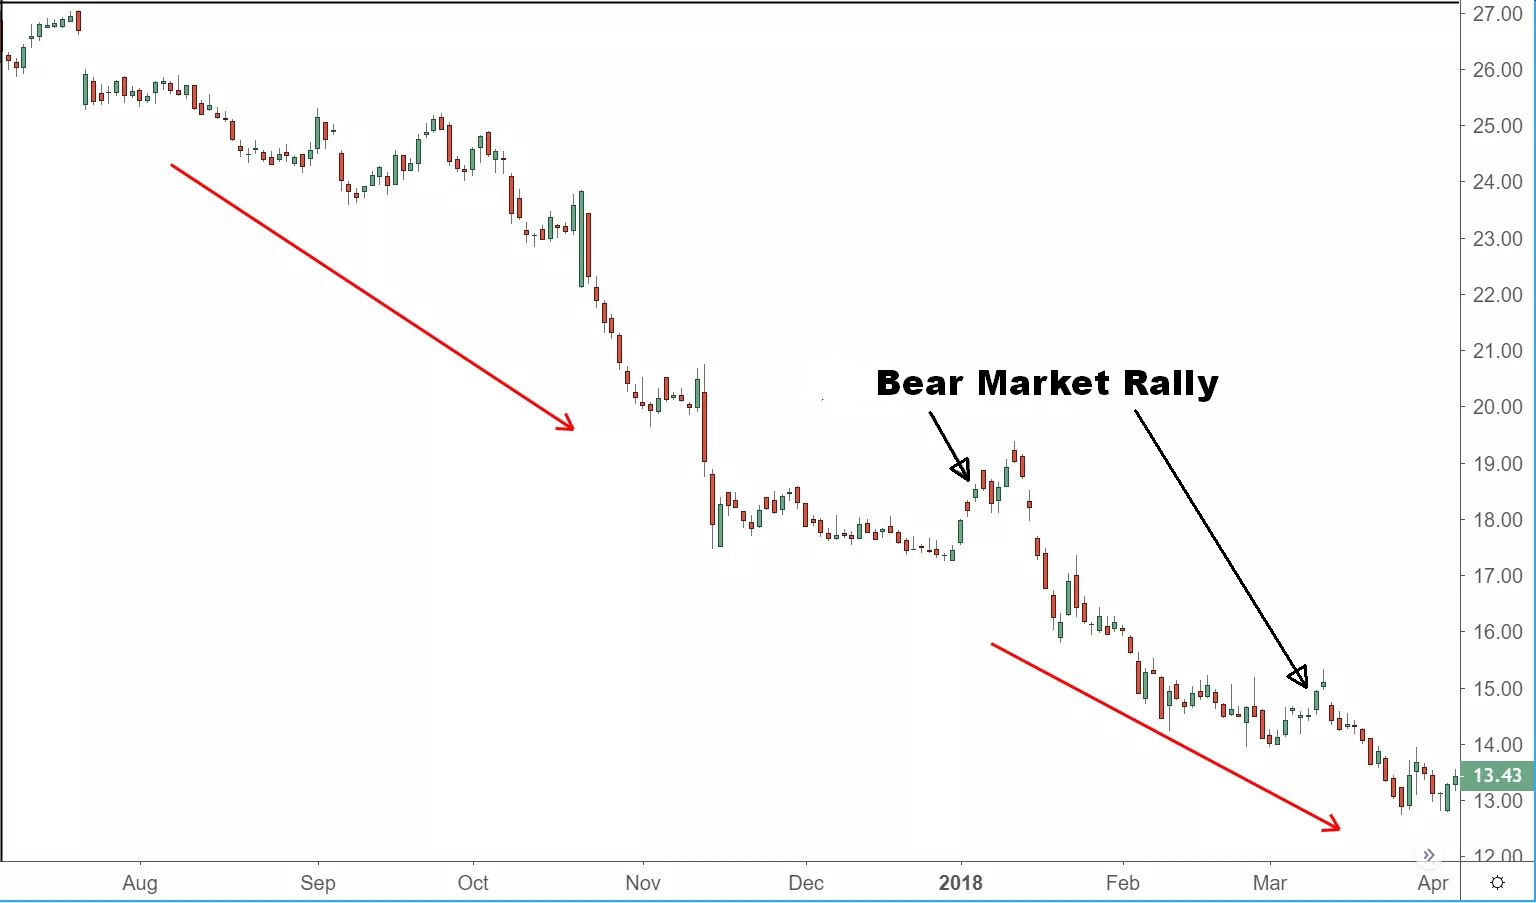 Bear Market Rally